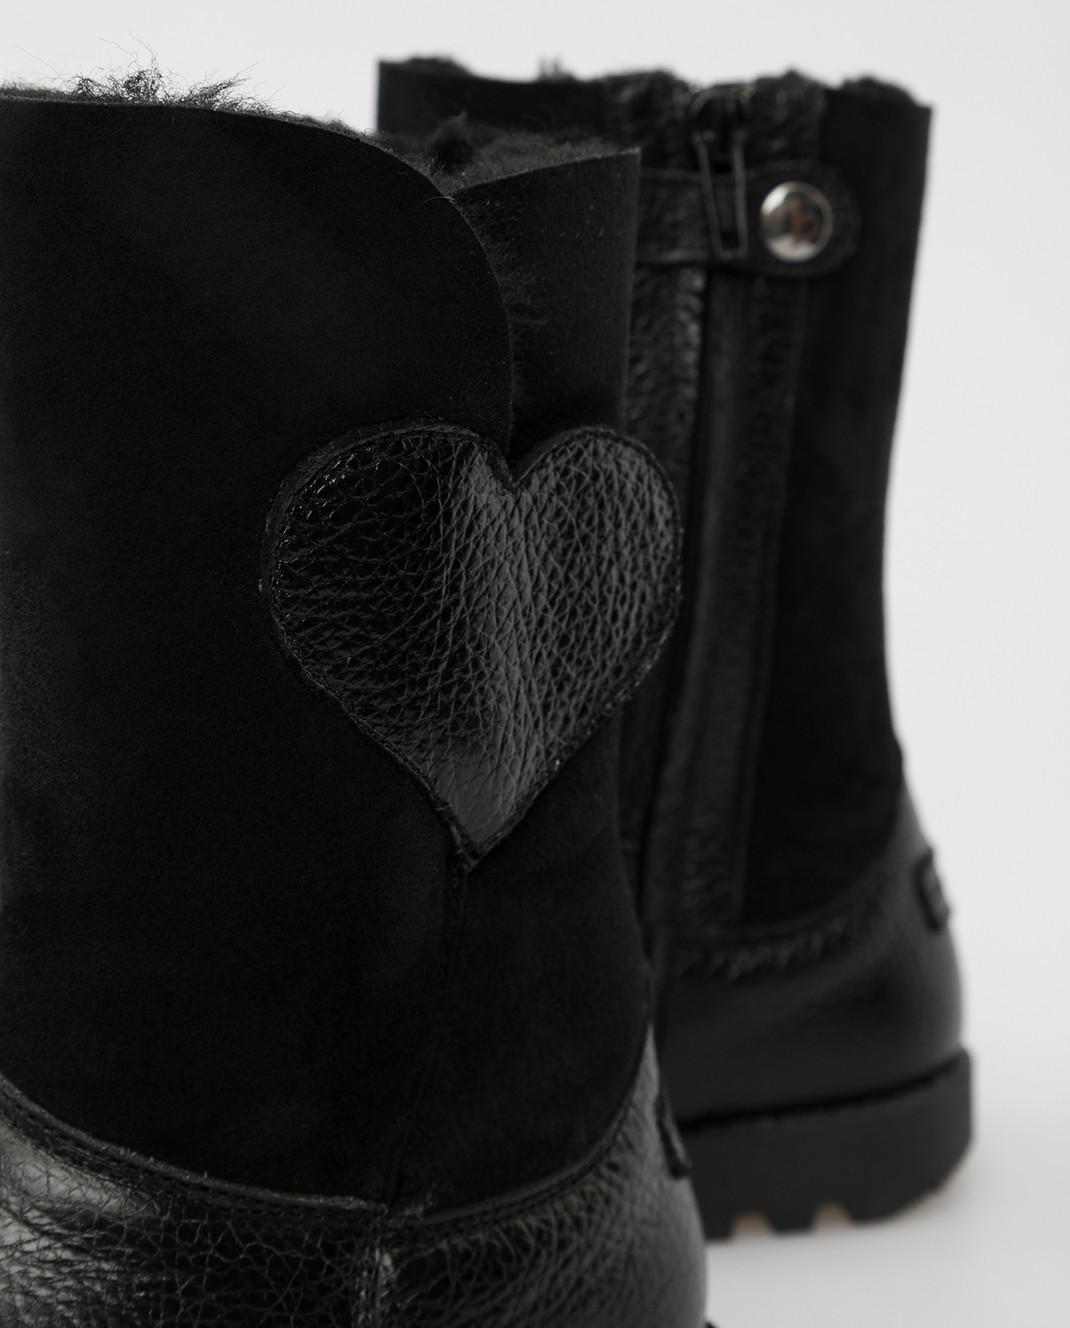 Zecchino D'oro Детские черный сапоги на меху A2929342729 изображение 4